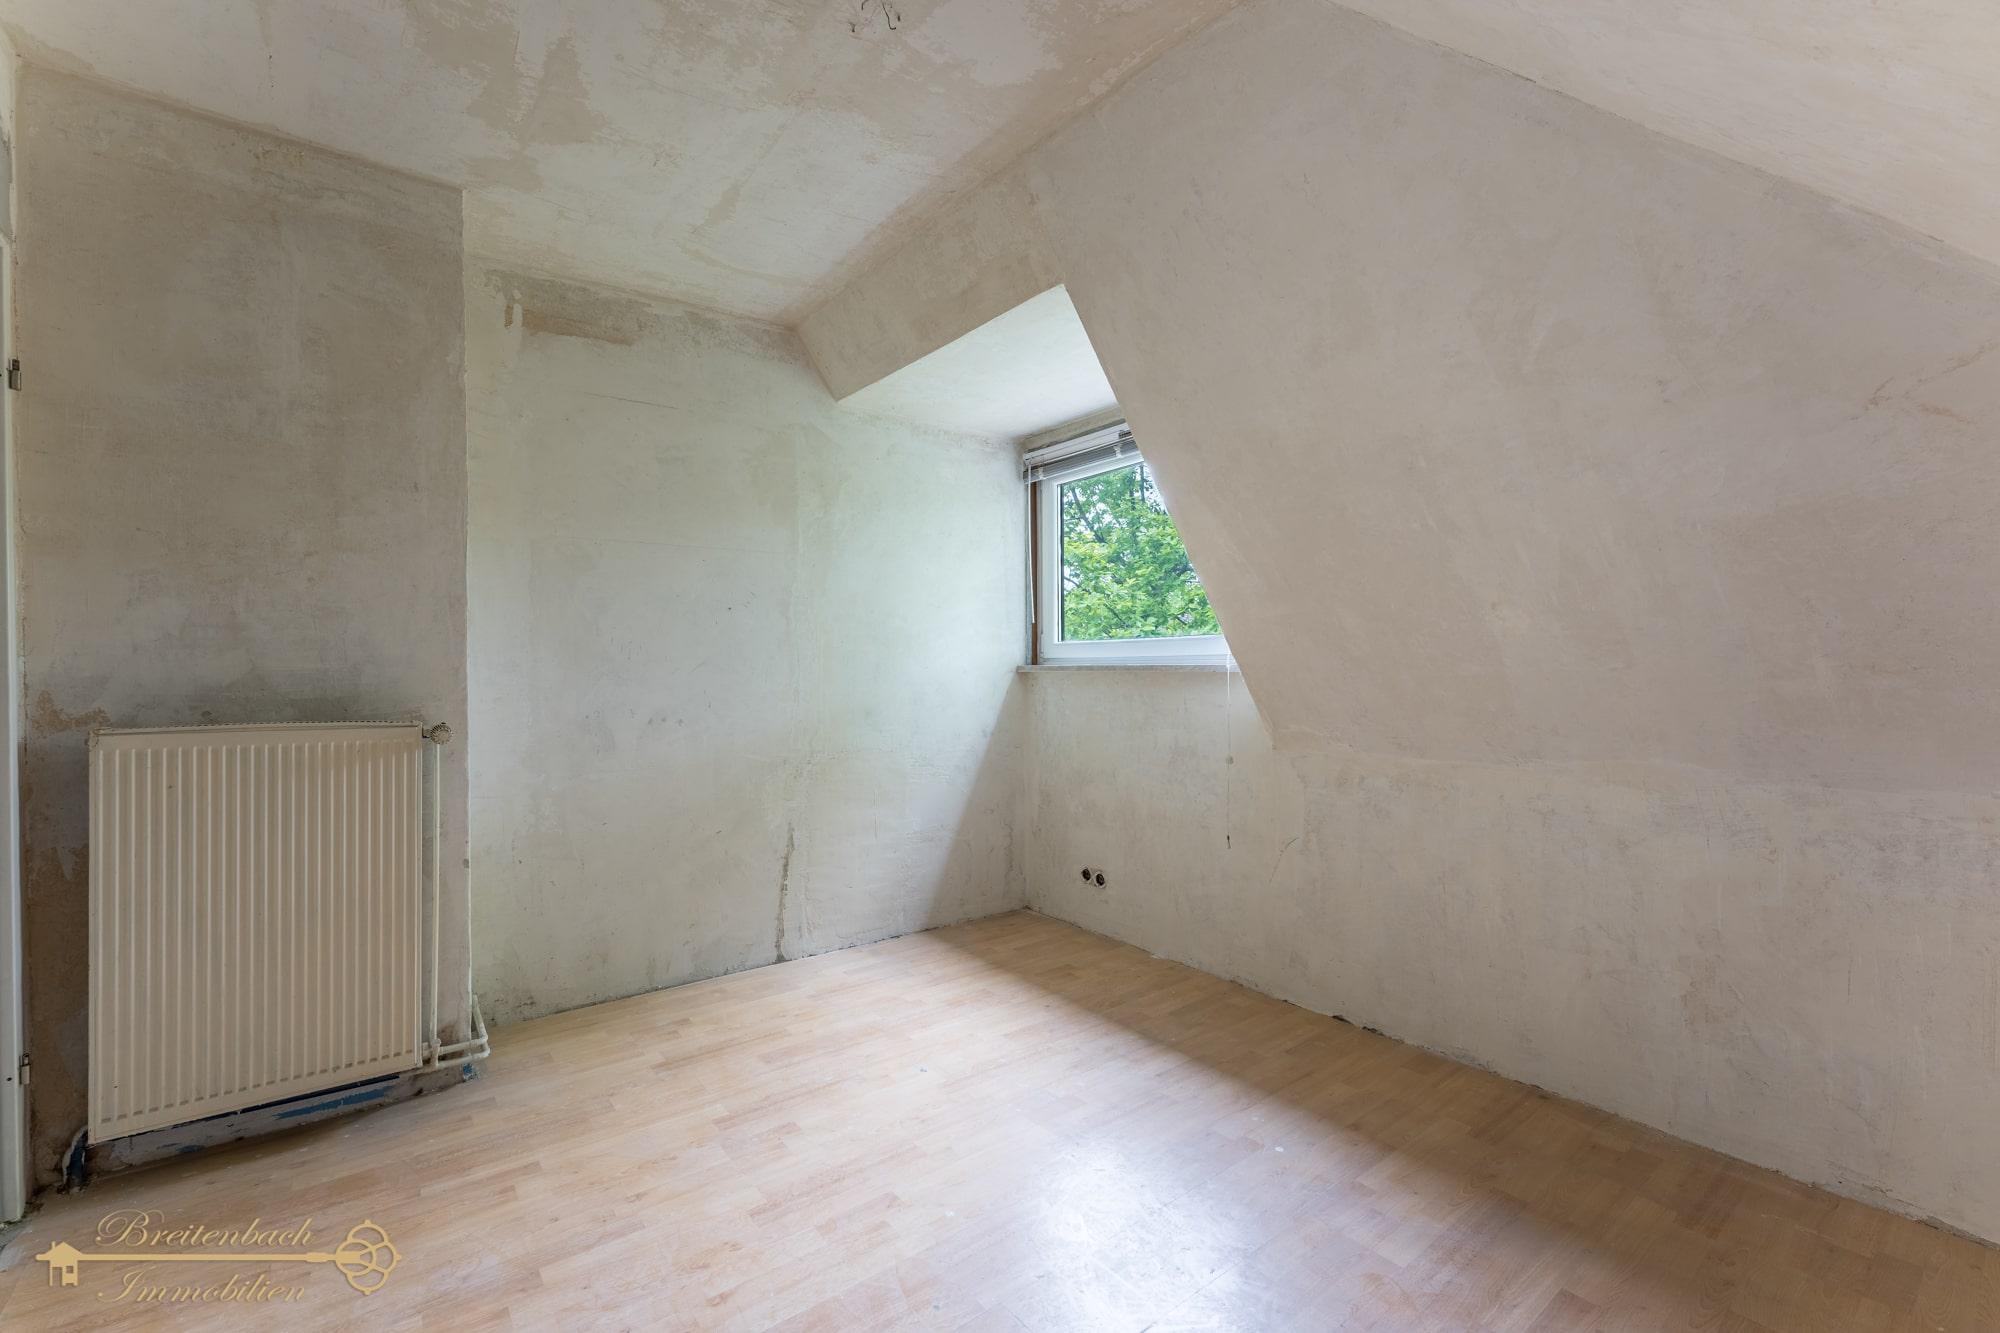 2021-05-29-Breitenbach-Immobilien-Makler-Bremen-5-min